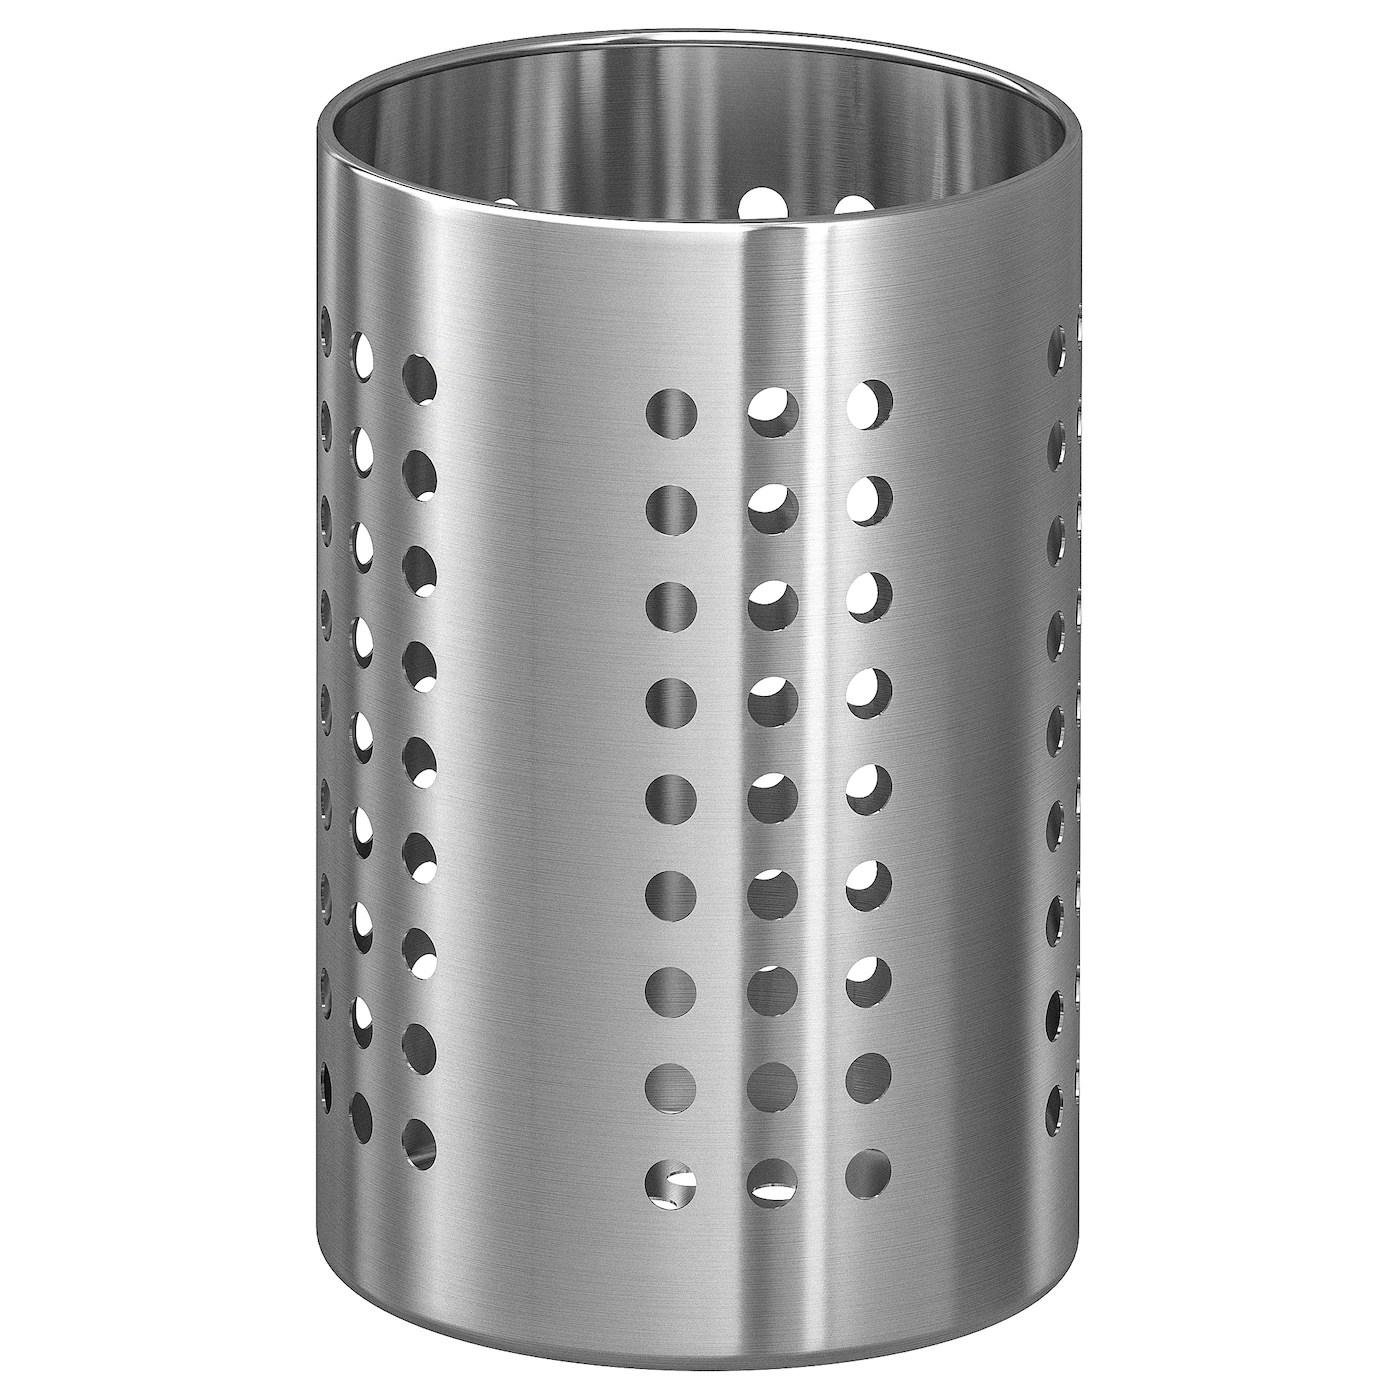 ordning pot a ustensiles de cuisine acier inoxydable 18 cm